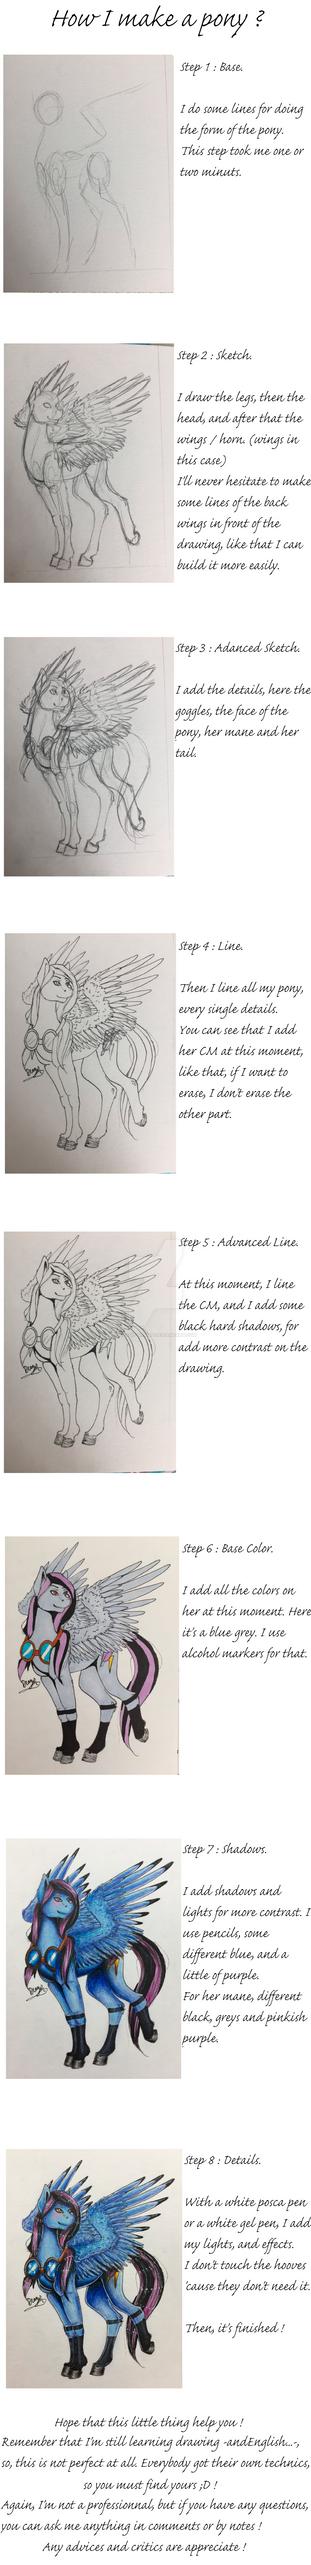 How I make a pony - Step by Step - Alpha Jet by Drago-Draw